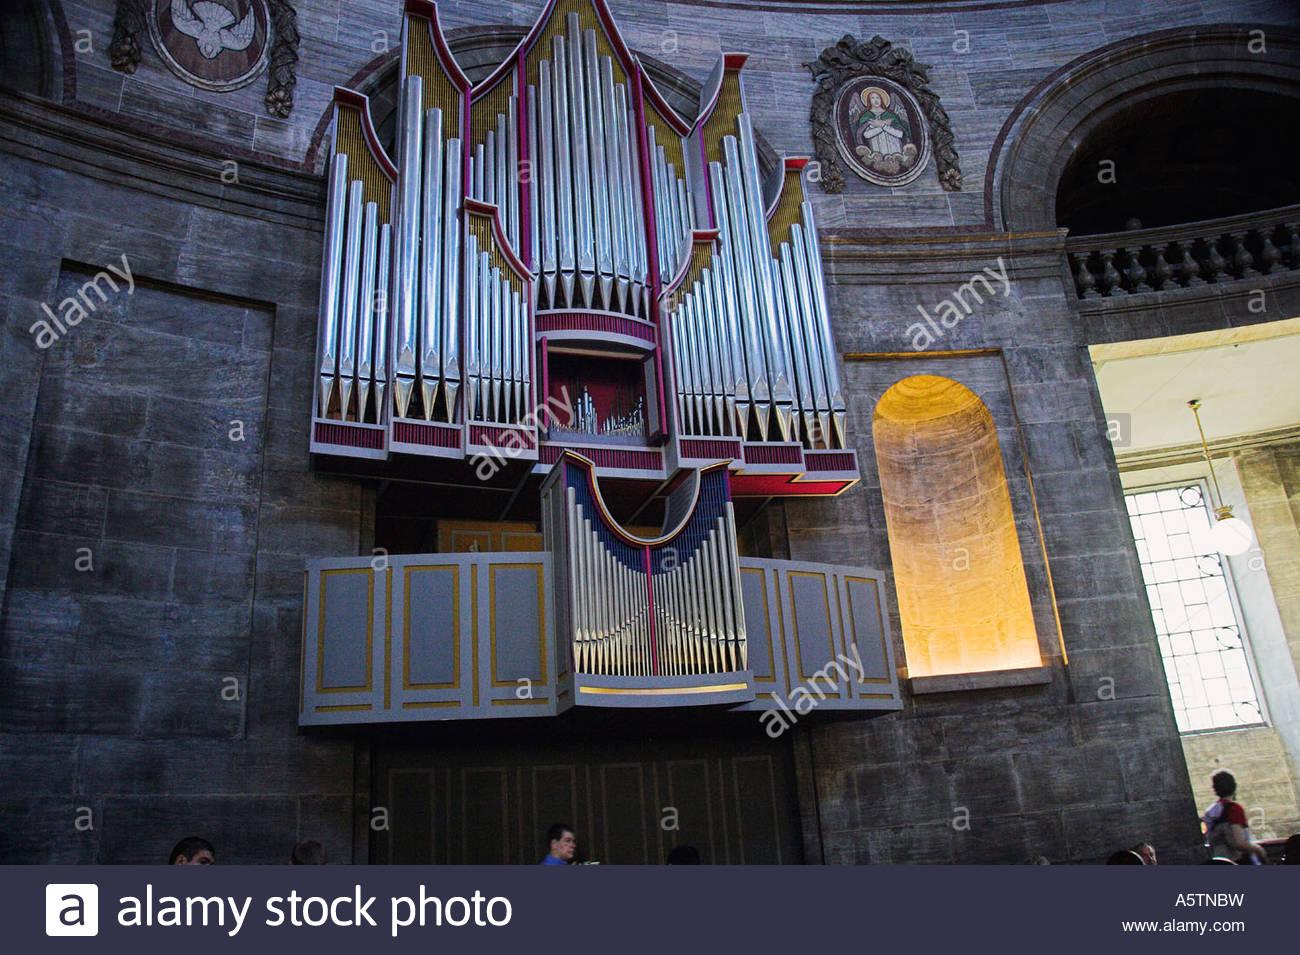 Copenhagen / Frederik's Church  - Stock Image